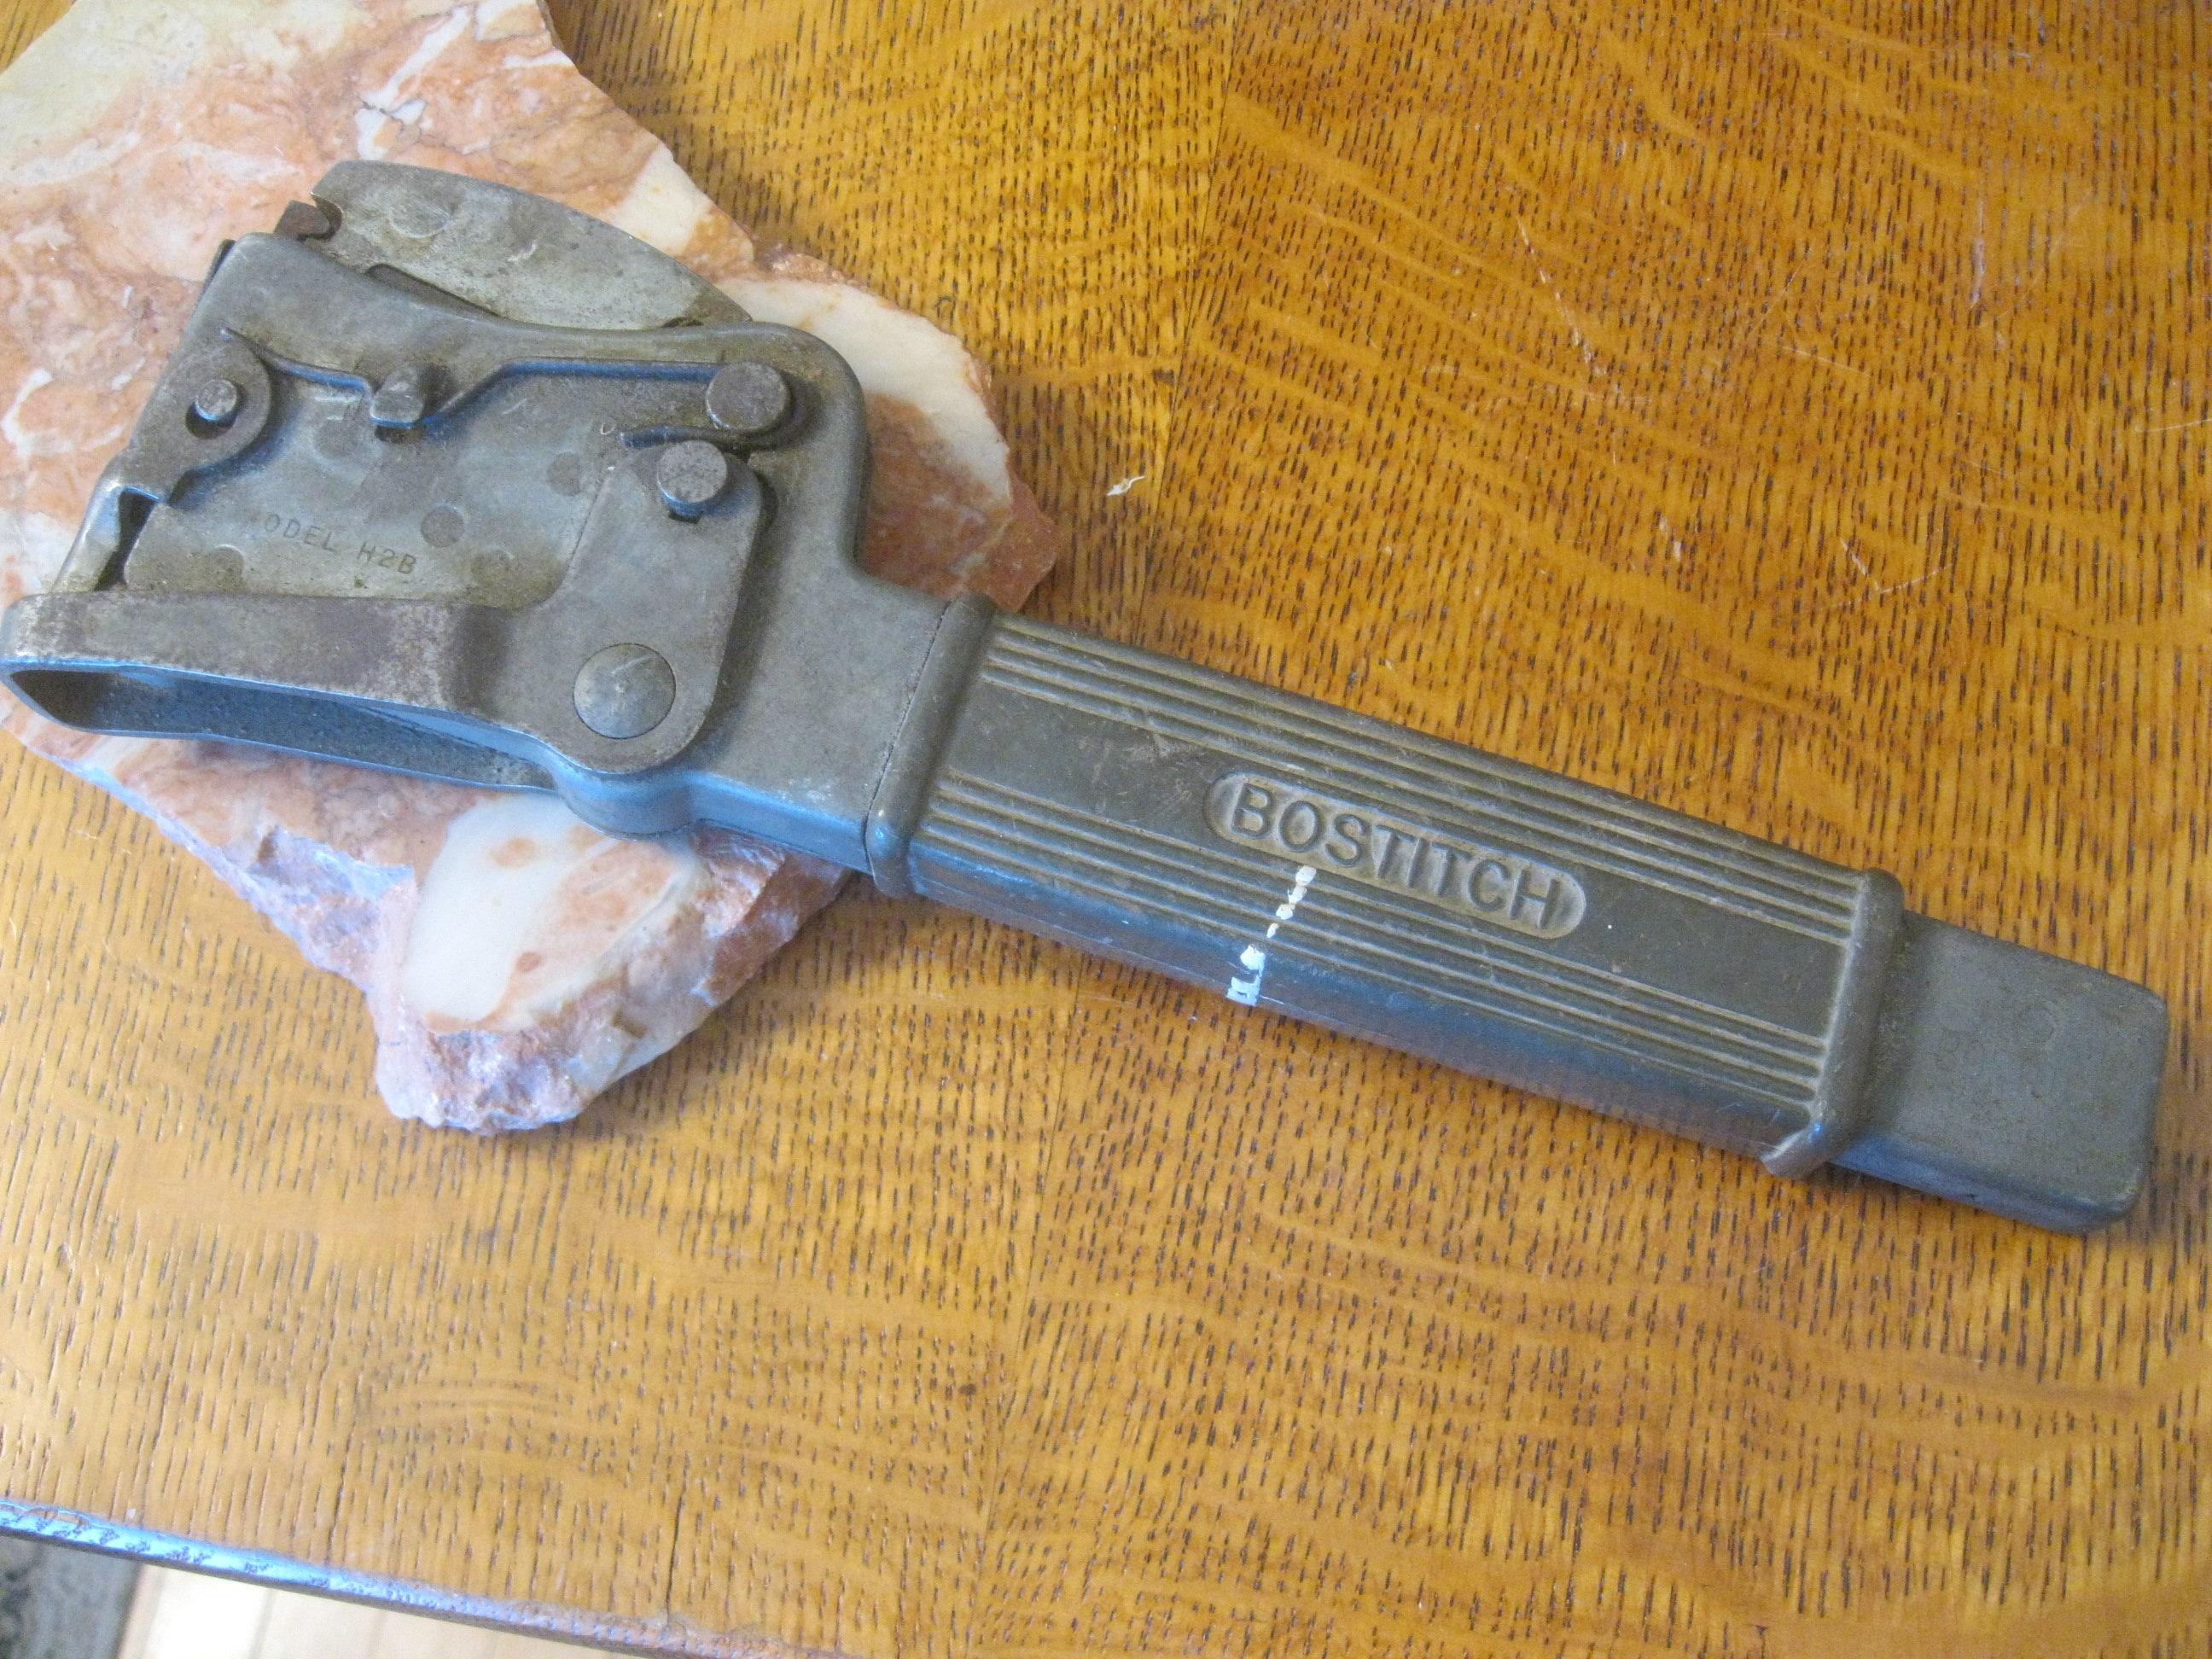 Hammer Tacker Hefter Bostitch Heavy Duty Hammer Hefter